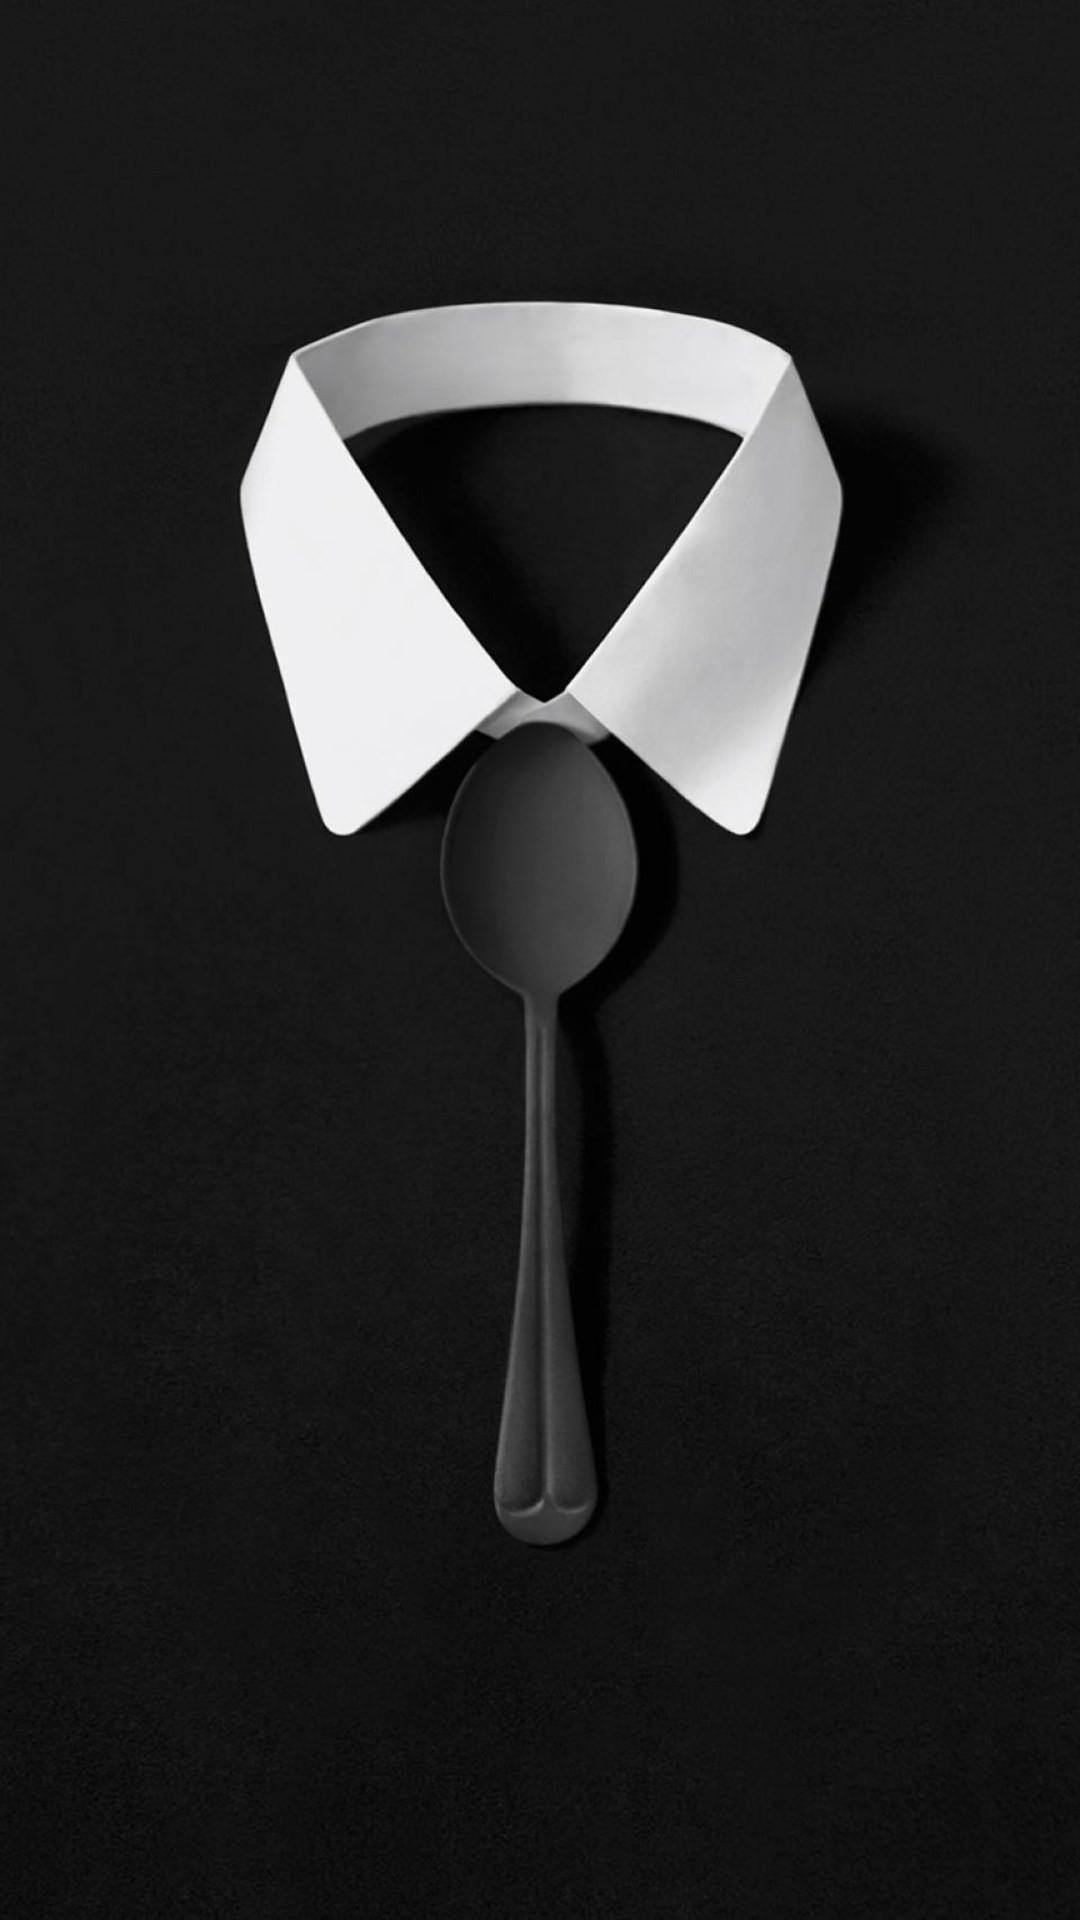 Dark Simple Suit Spoon Tie Simple iPhone 8 wallpaper